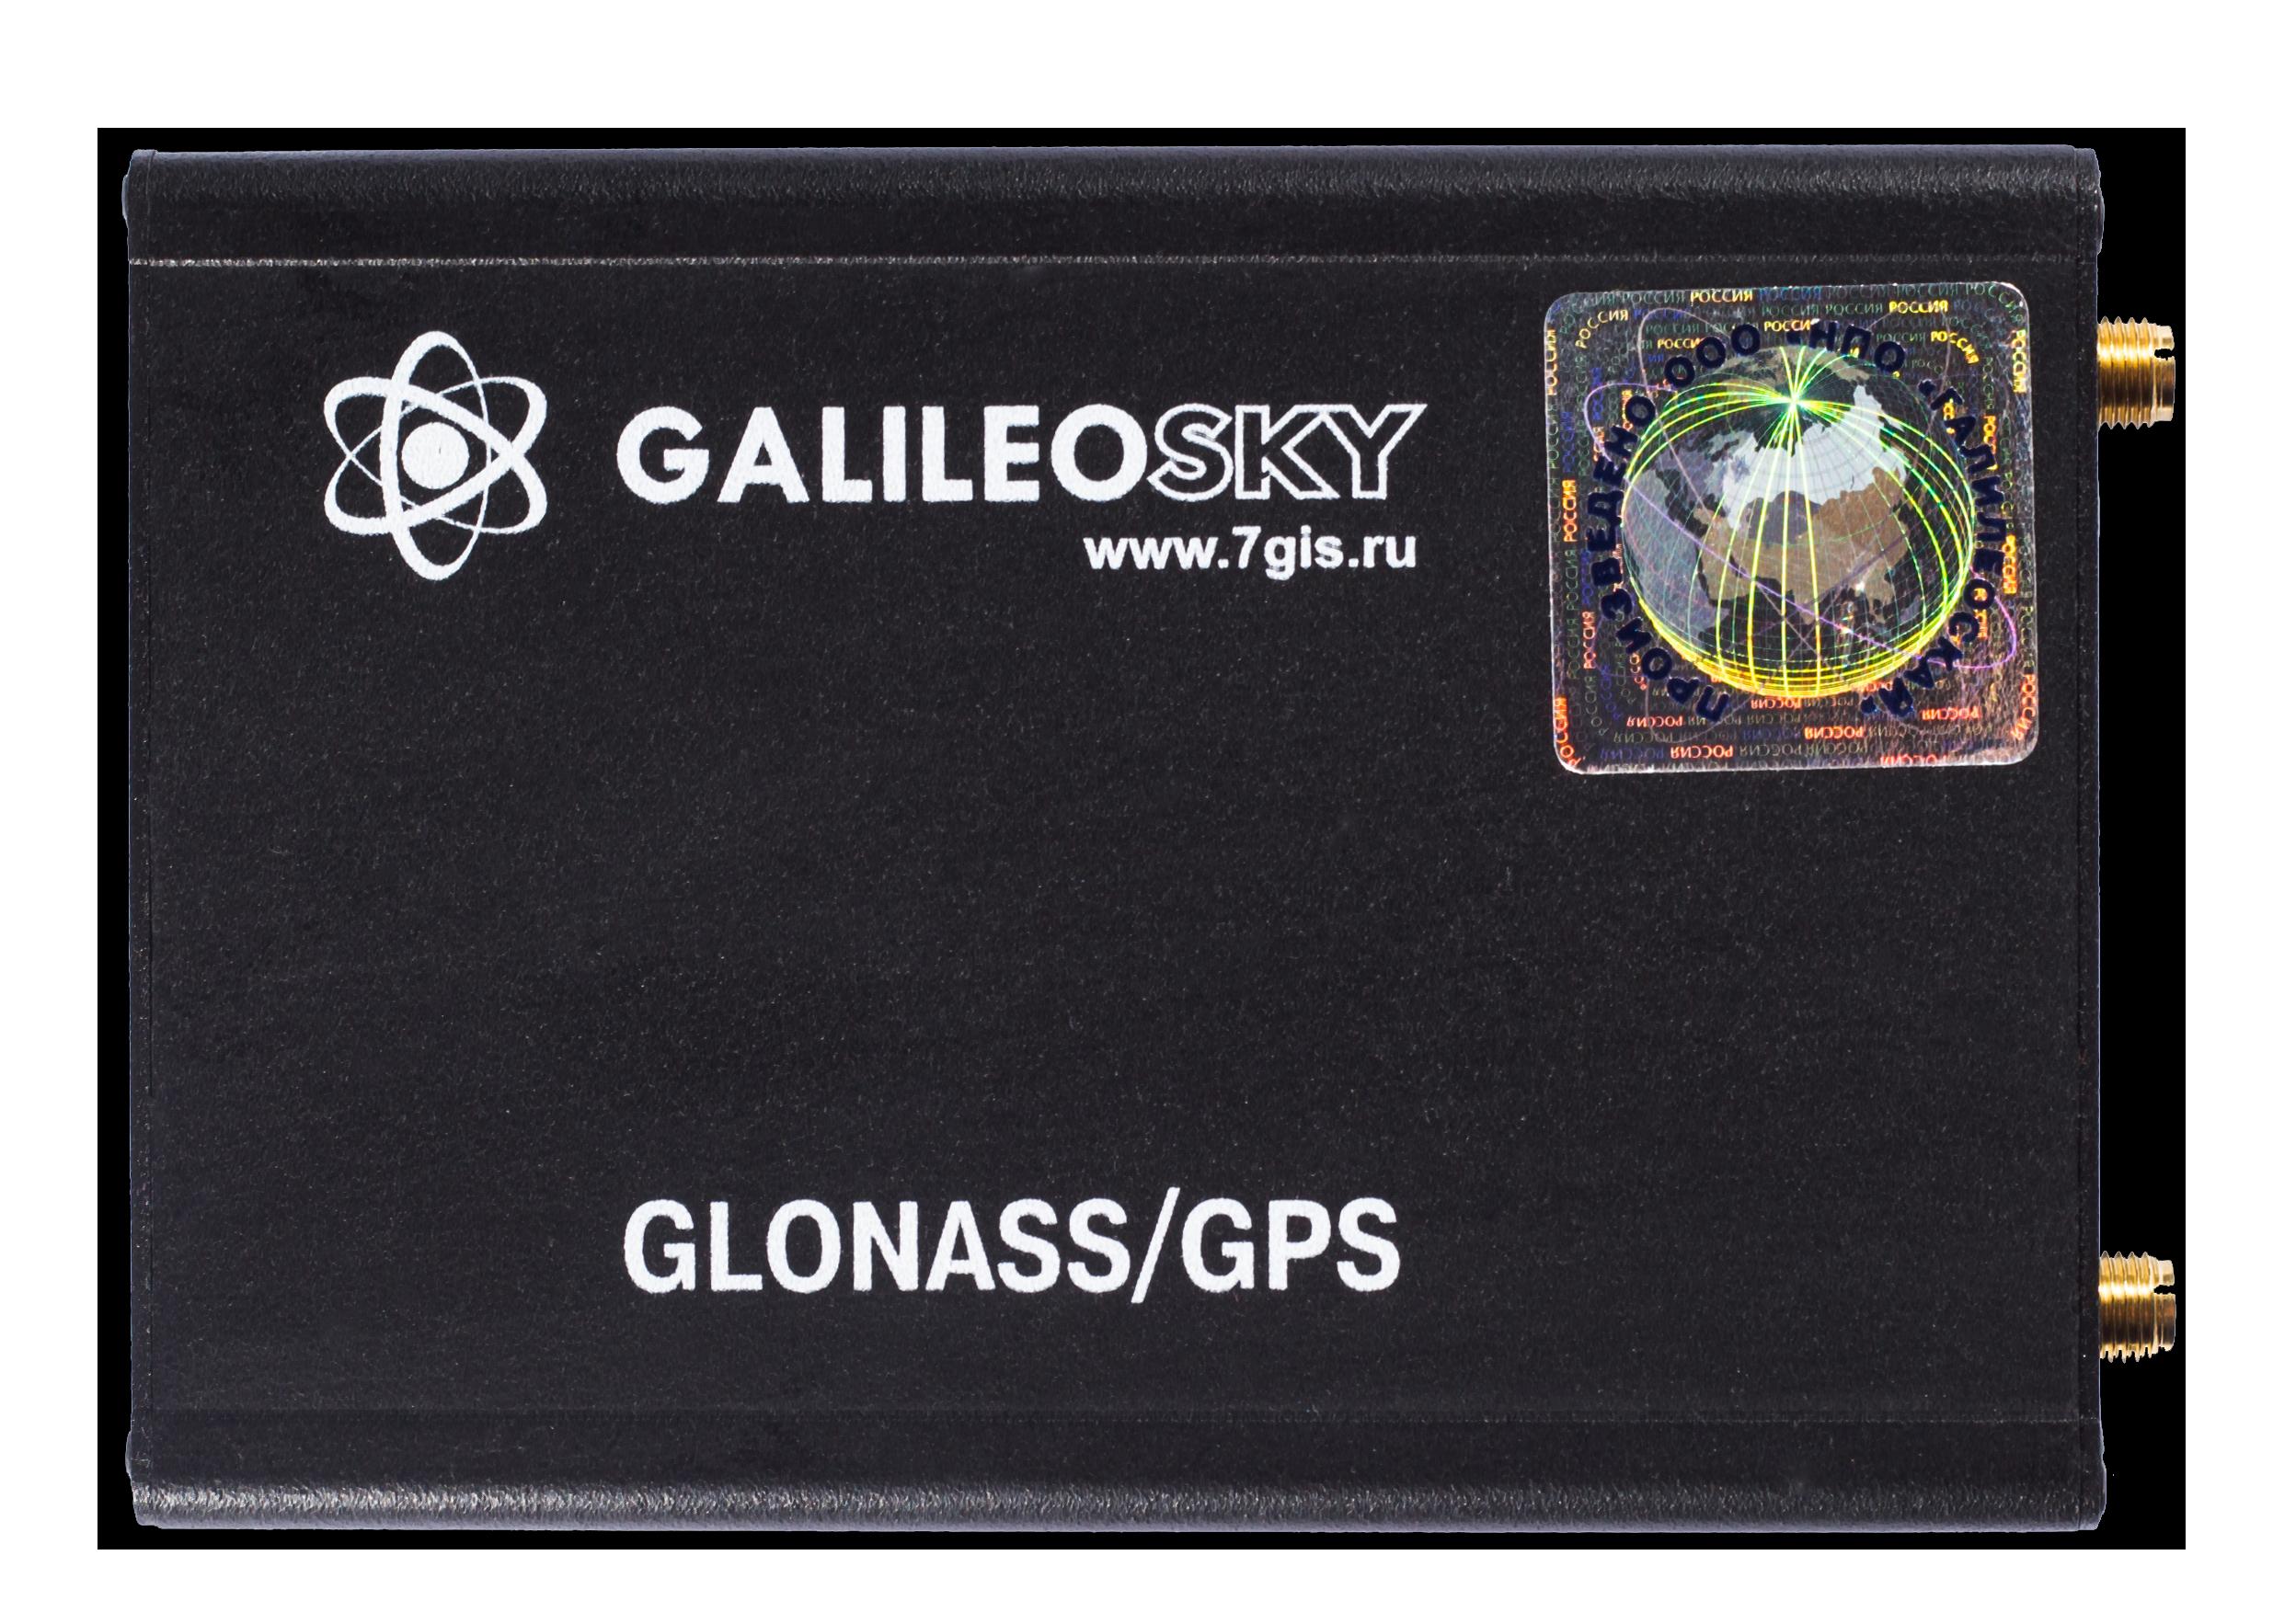 galileosky5.0